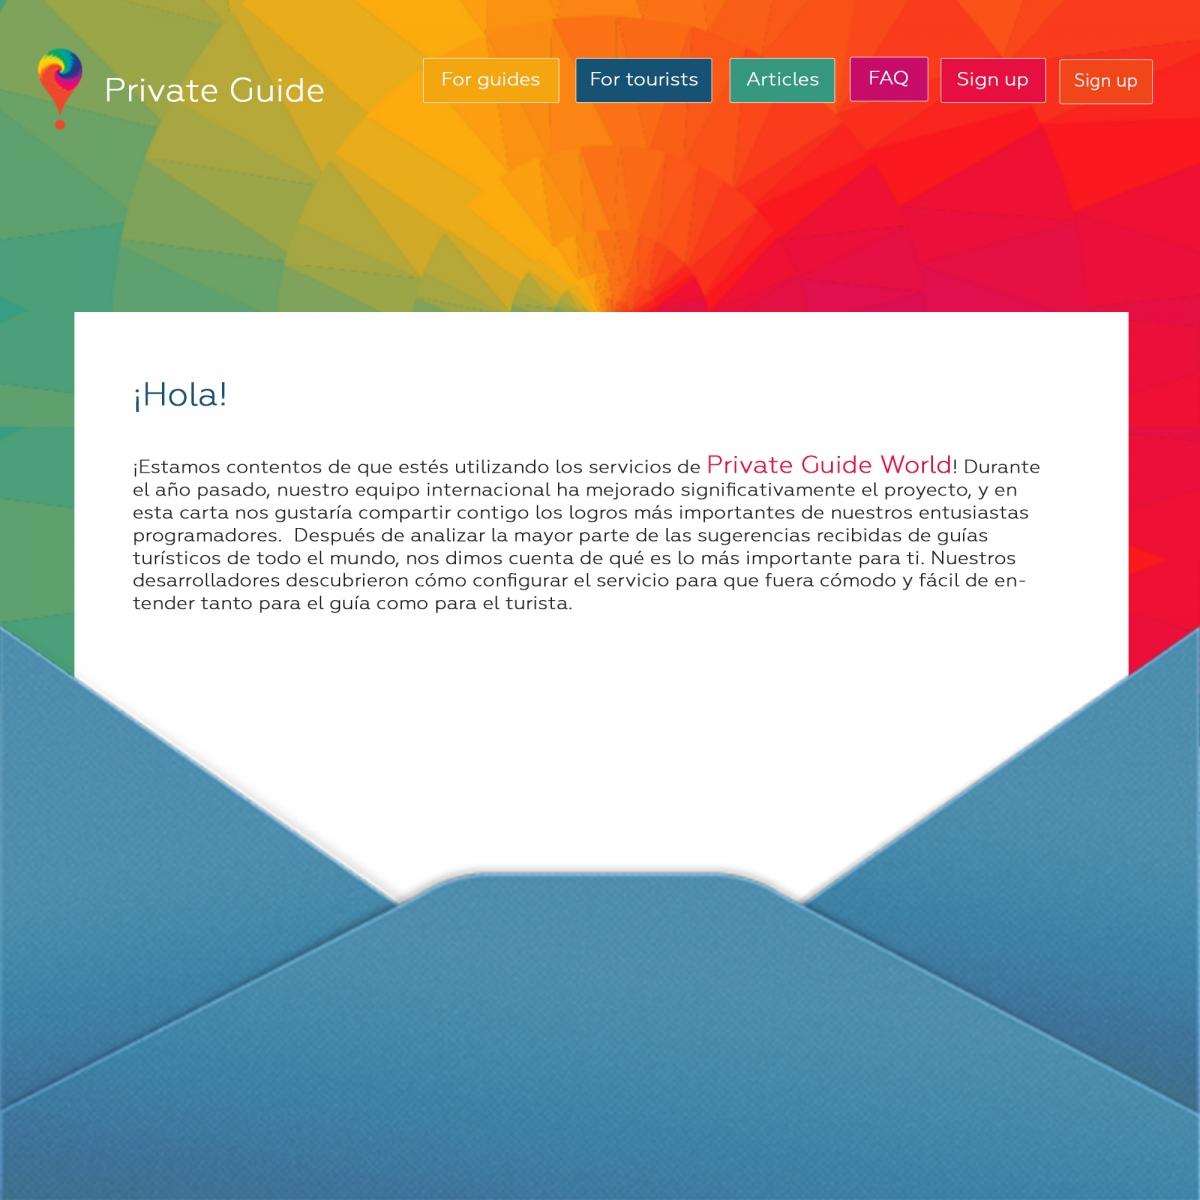 ¡Private Guide Service es feliz de dar la bienvenida a todos los usuarios!  H2: ¡Private Guide añade nuevas funciones útiles regularmente!  H3: ¡Durante el año pasado Private Guide tuvo mucho éxito!  H2: ¡Private Guide trabaja para ti y para tu comodidad!